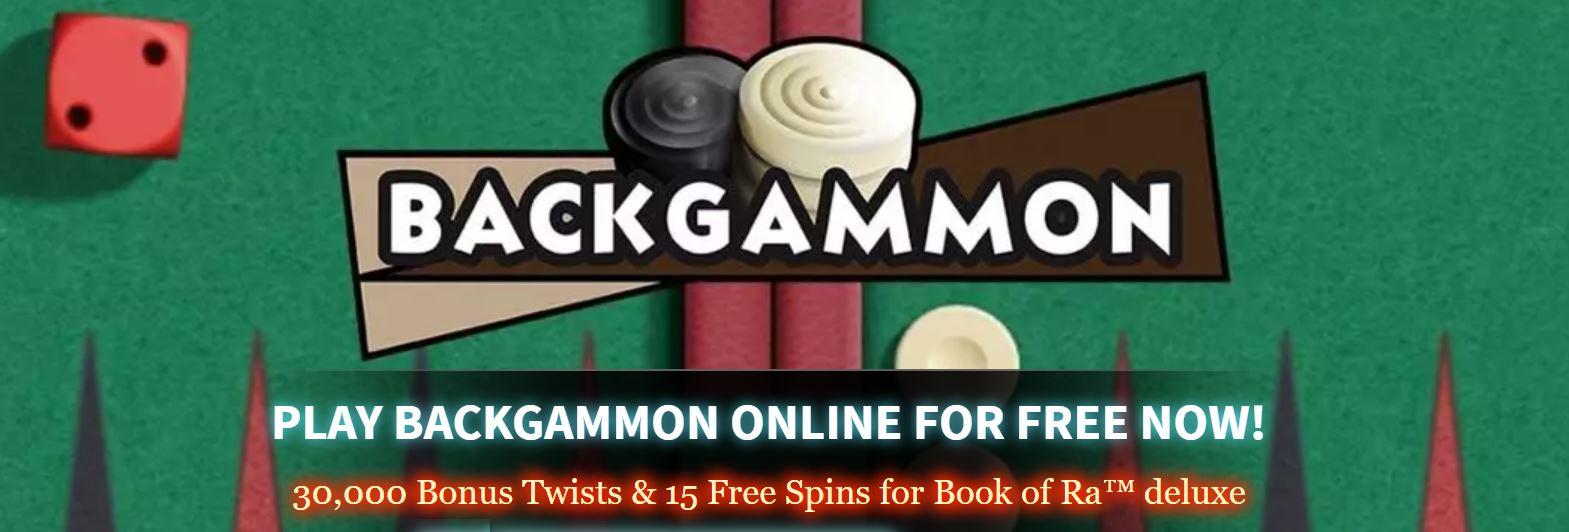 Los juegos de casino son muy populares y cuentan con muchos adeptos.